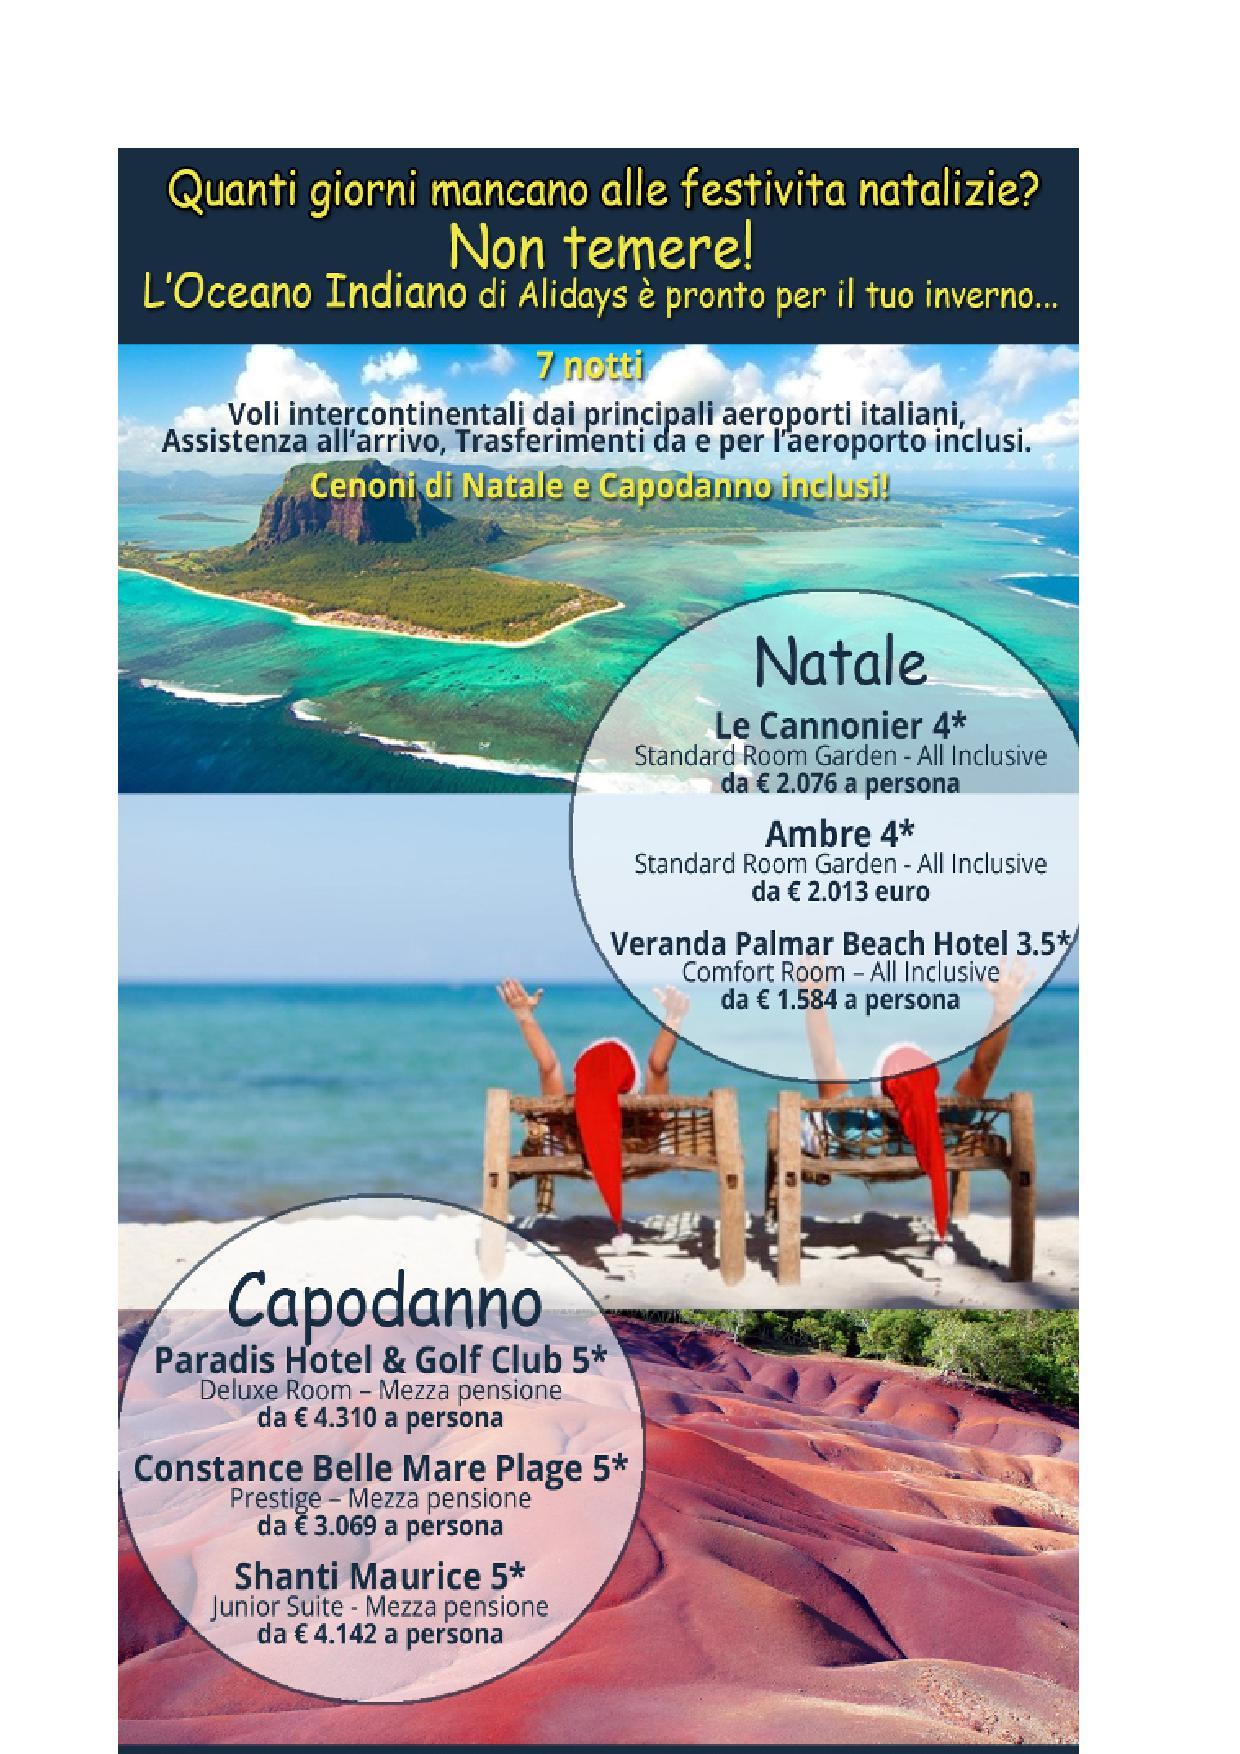 OCEANO INDIANO  Agenzia di Viaggi  Business Travel